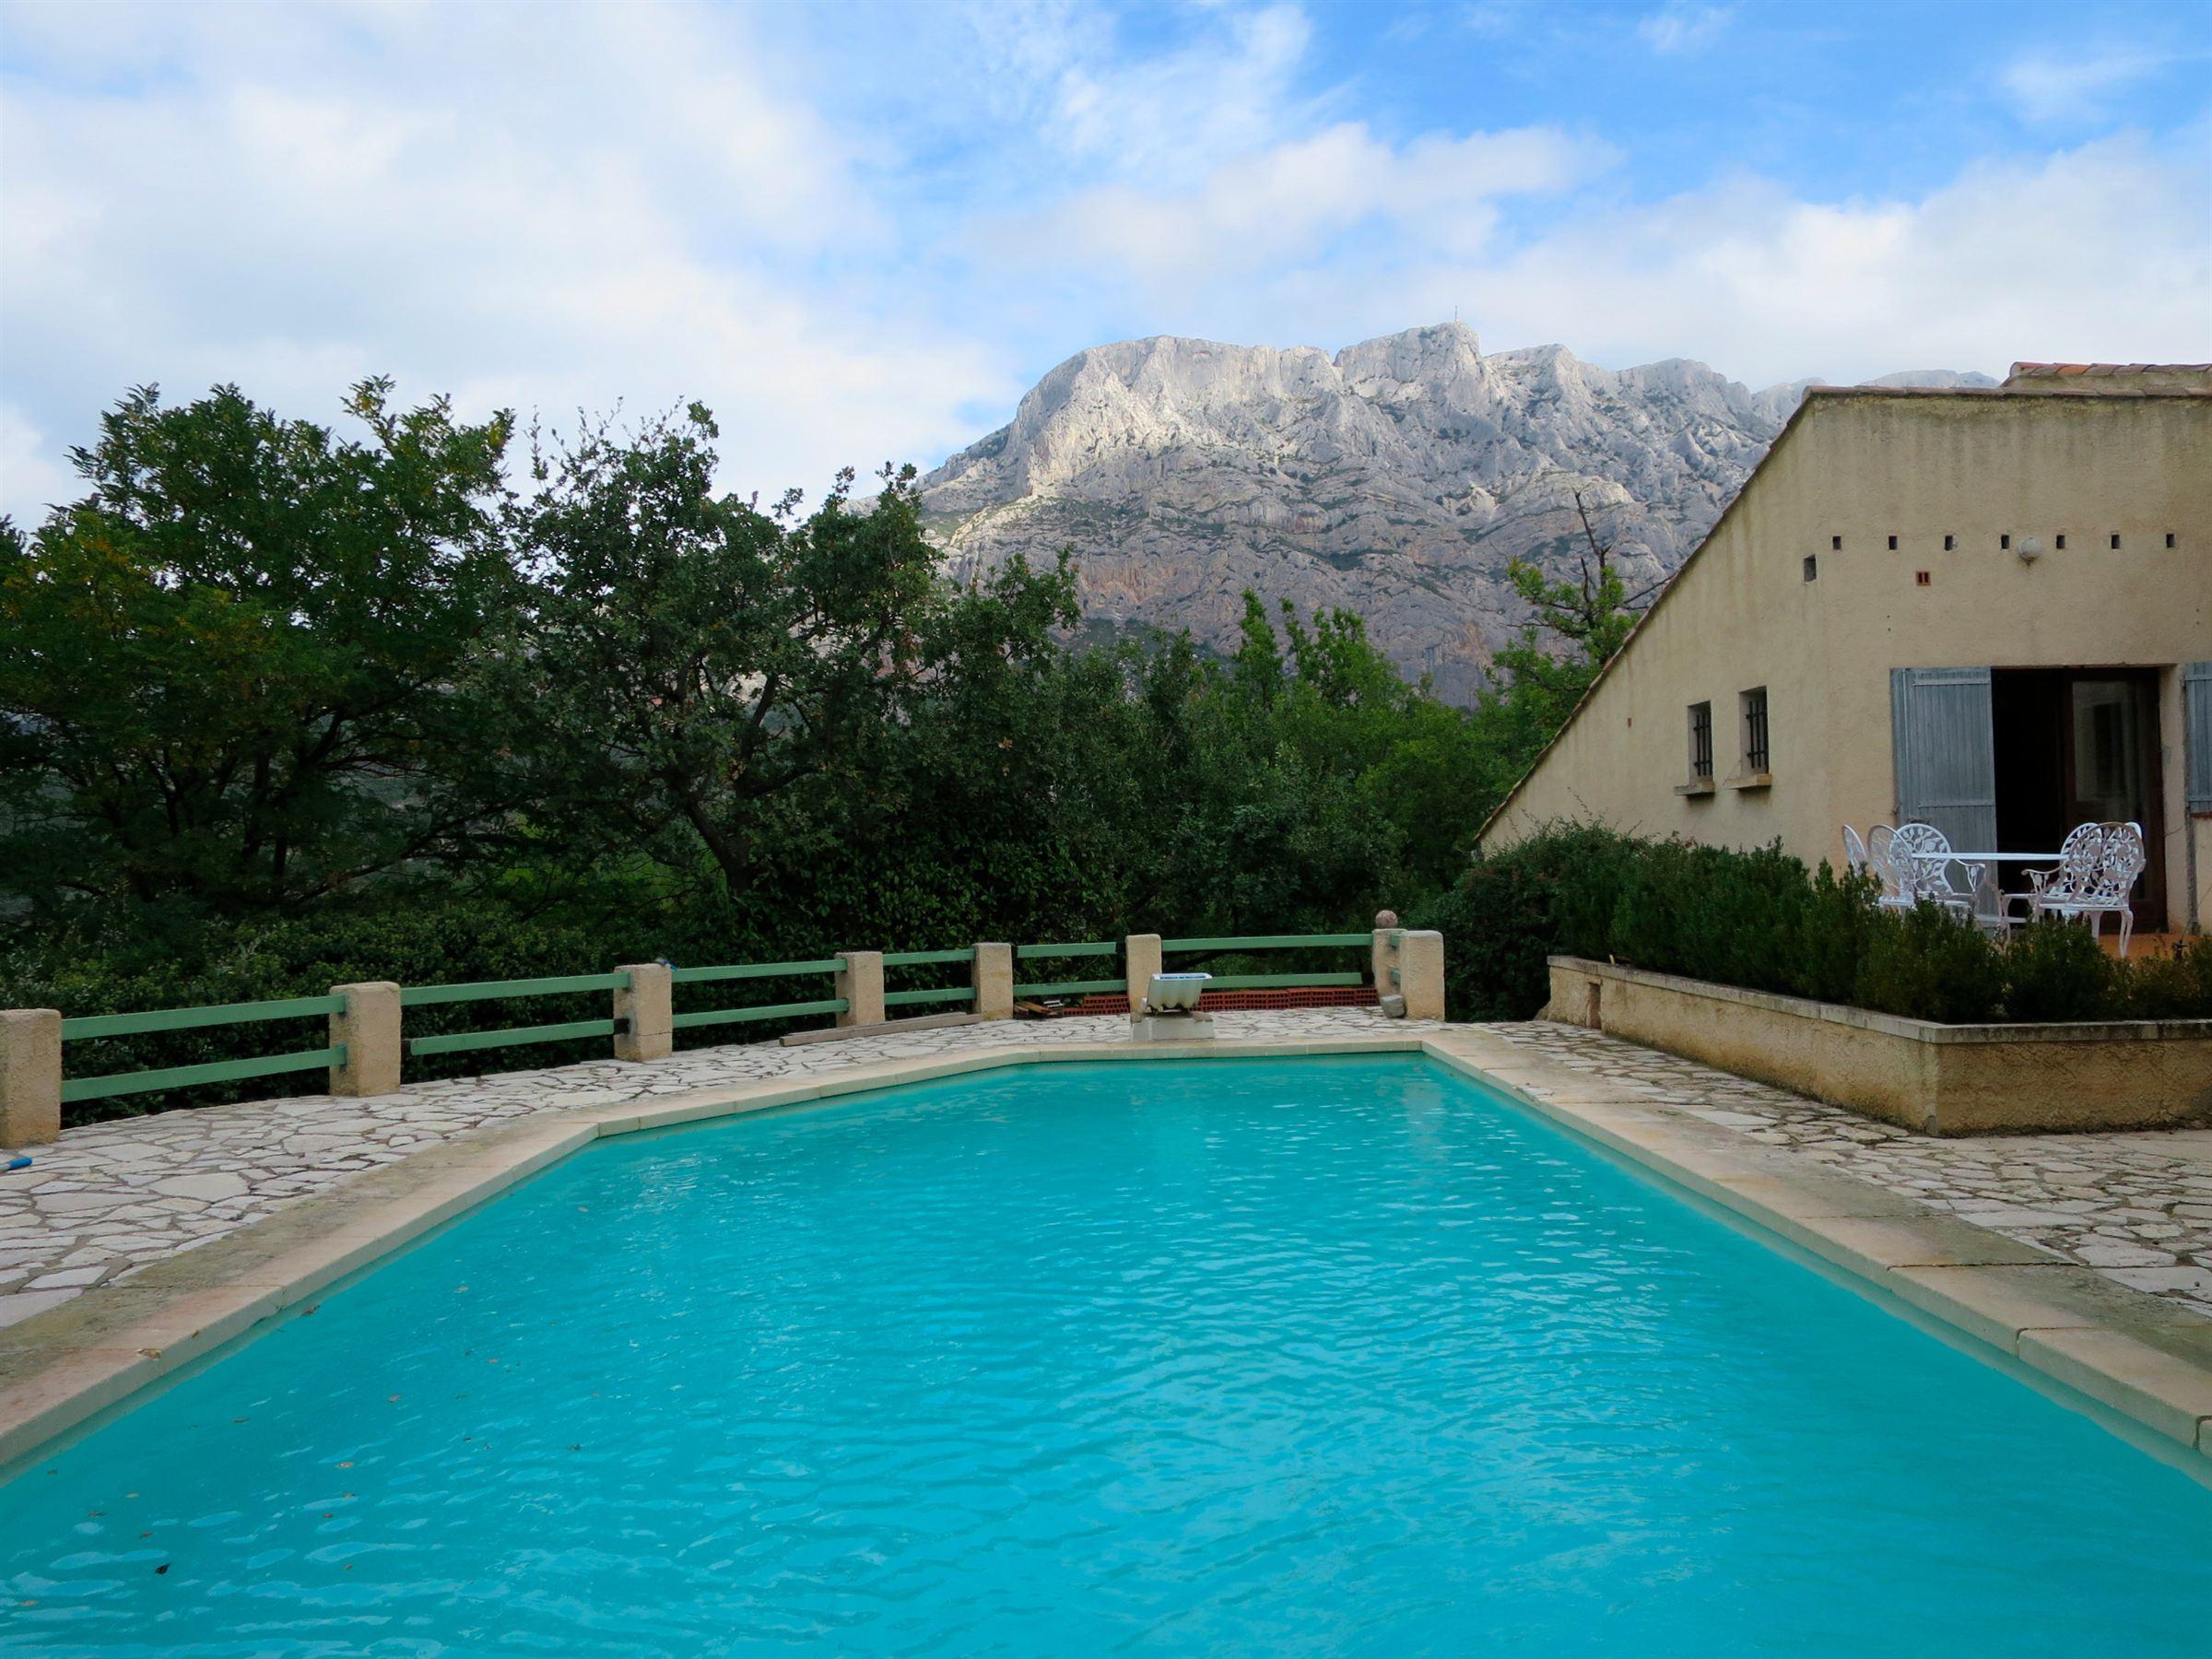 獨棟家庭住宅 為 出售 在 SAINTE VICTOIRE VIEW Other Provence-Alpes-Cote D'Azur, 普羅旺斯阿爾卑斯藍色海岸, 13100 法國